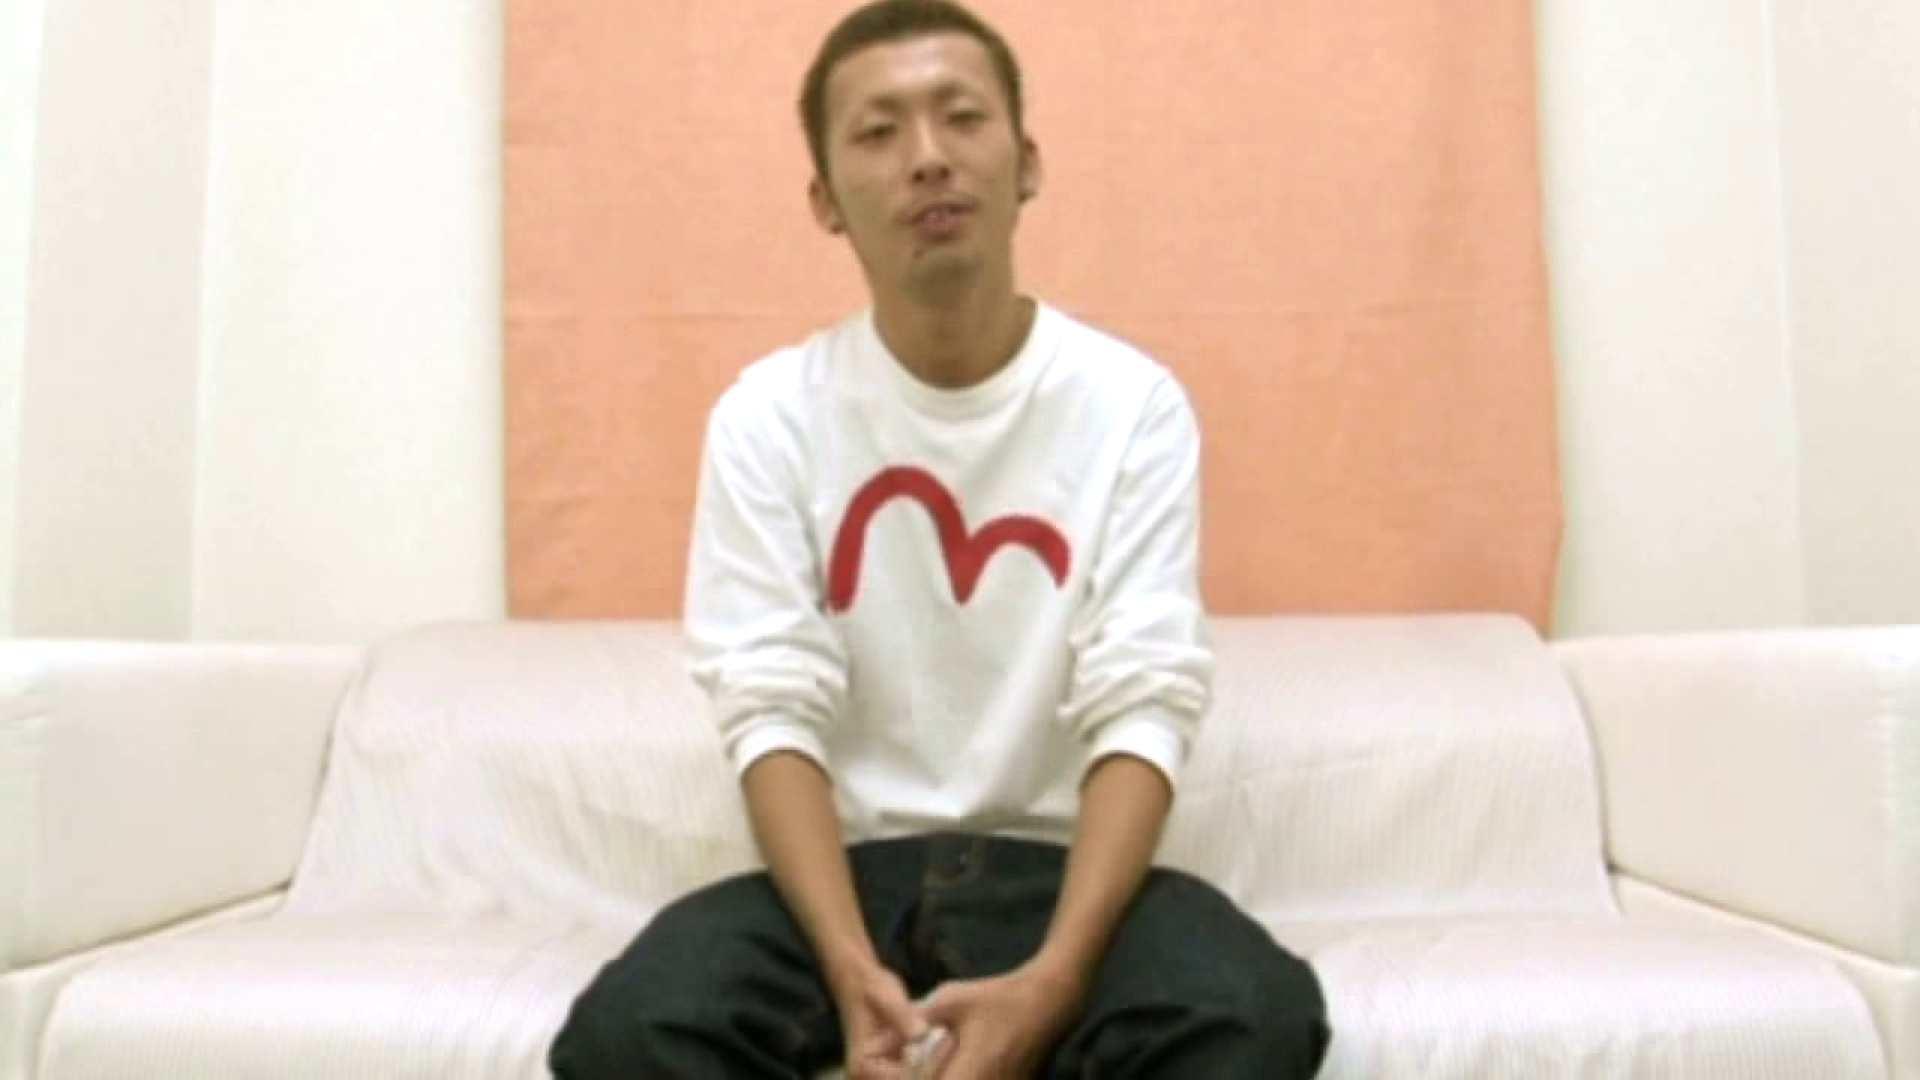 ノンケ!自慰スタジオ No.11 オナニー アダルトビデオ画像キャプチャ 88枚 39